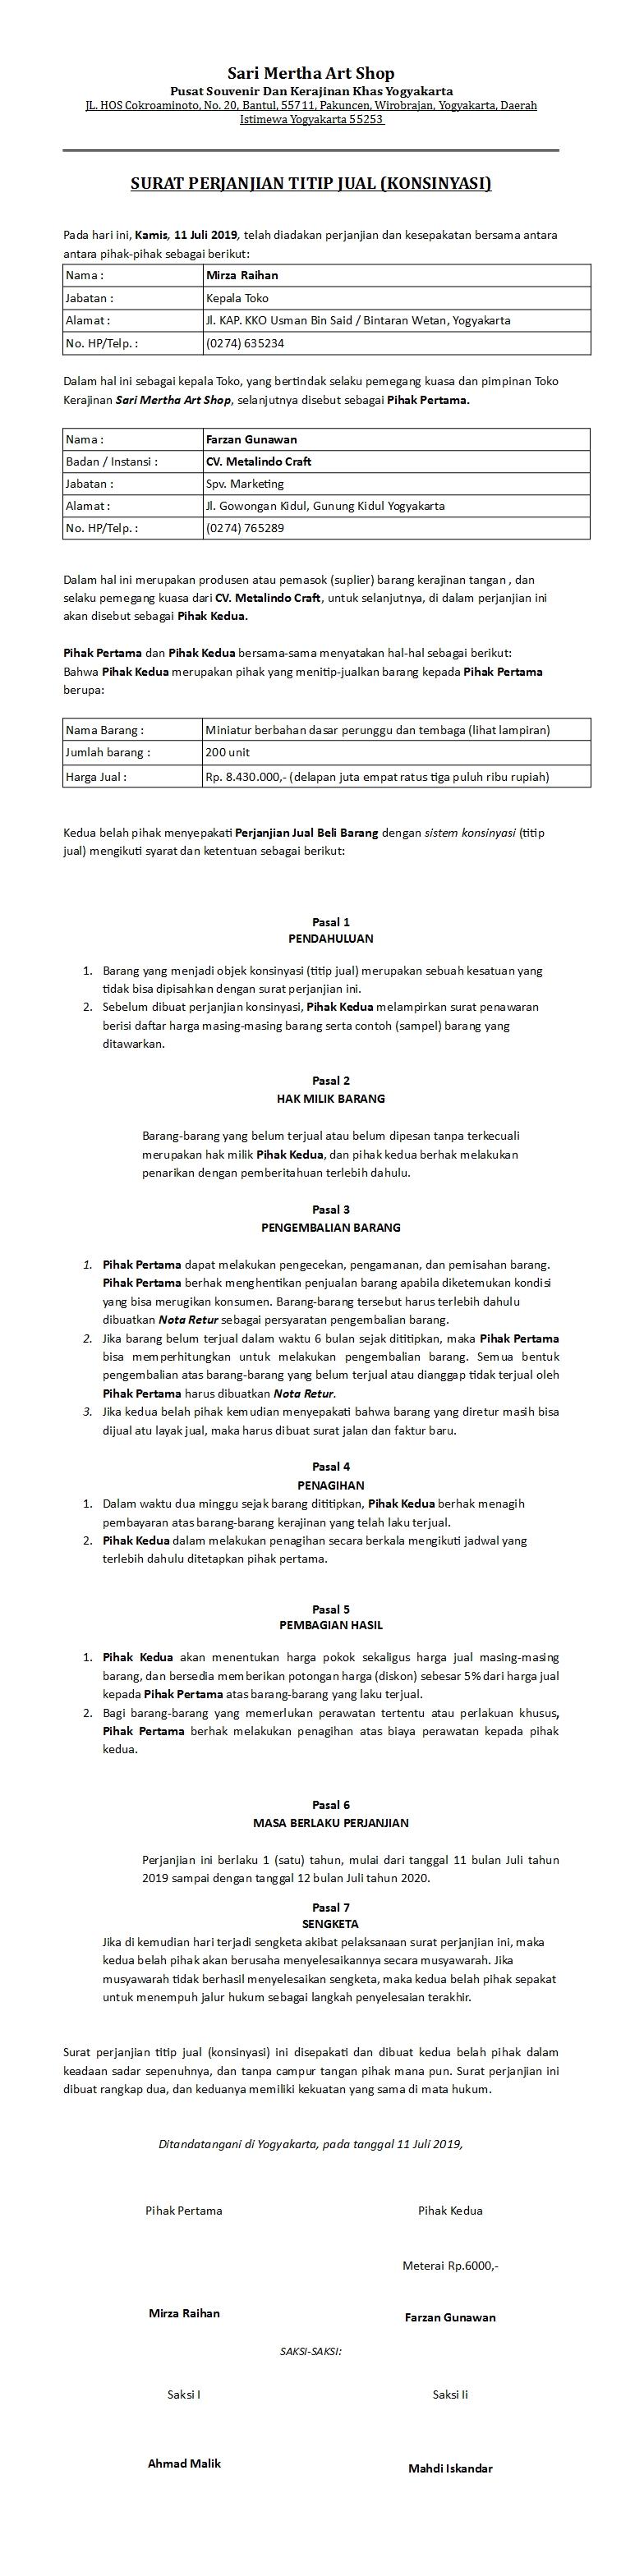 Contoh Surat Perjanjian Konsinyasi Atau Titip Jual Sederhana Detiklife